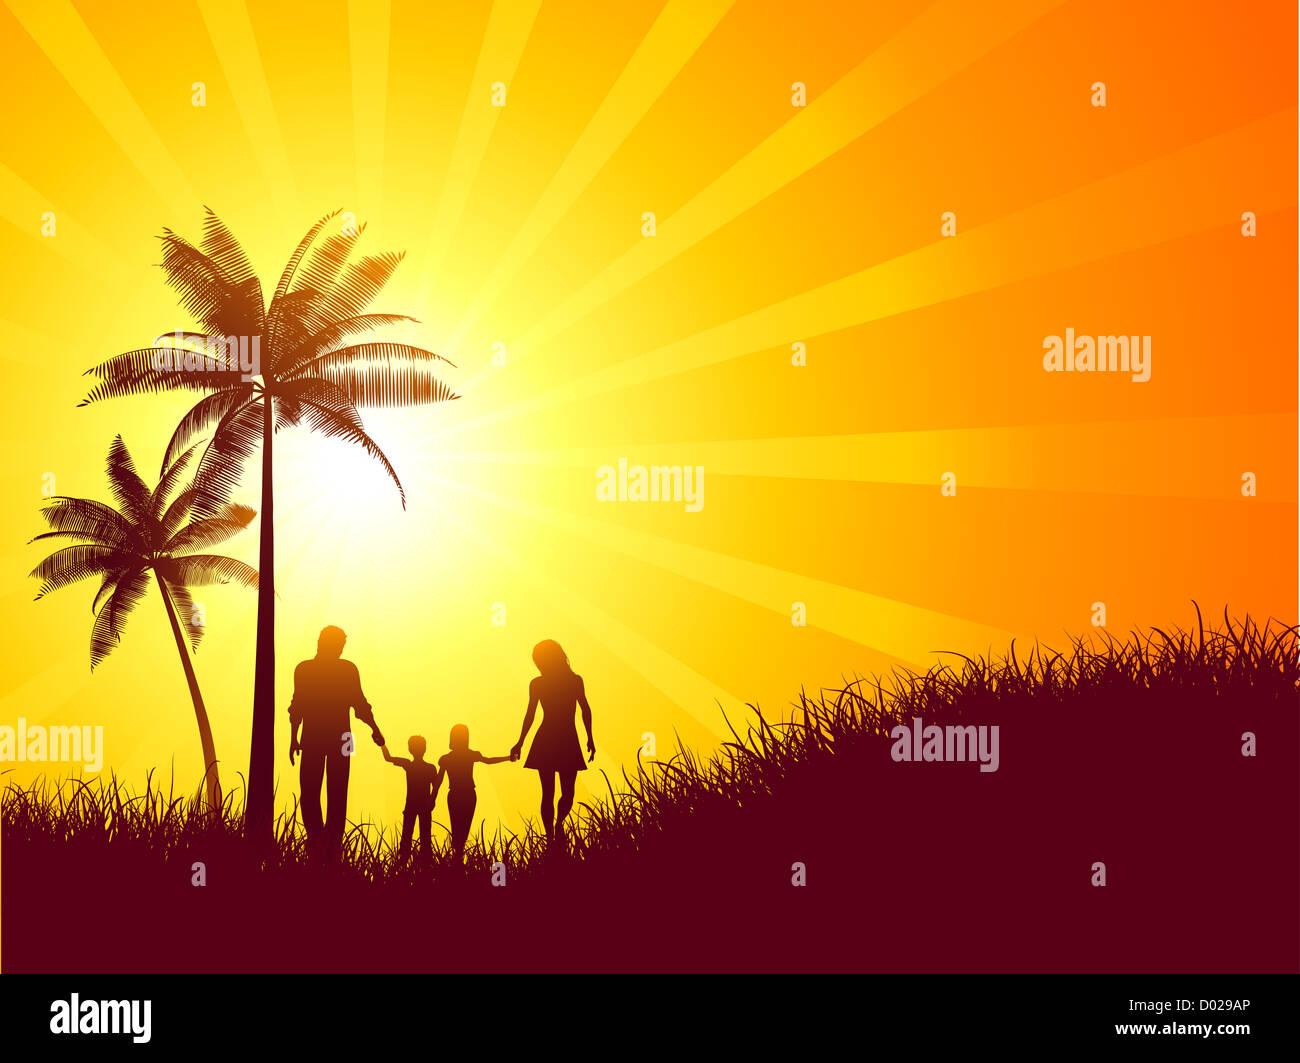 Paisaje de verano con la silueta de una familia caminando Imagen De Stock